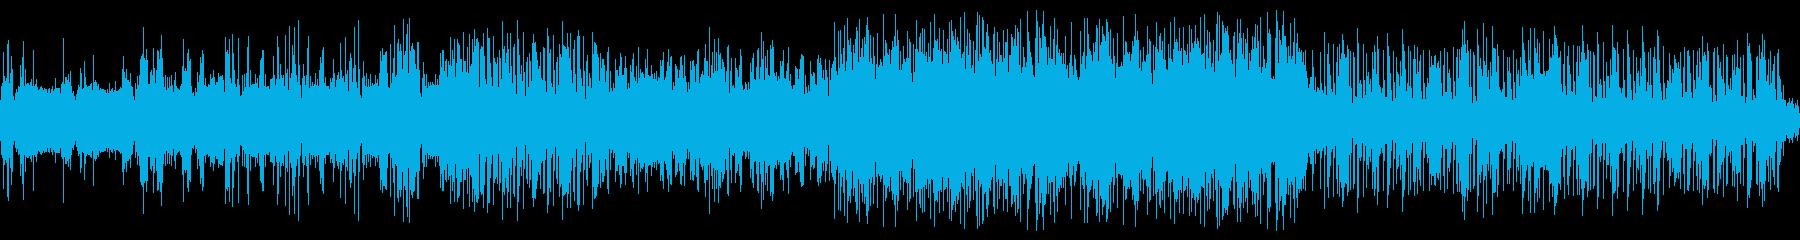 歪んだストリングスに高速ドラムの再生済みの波形